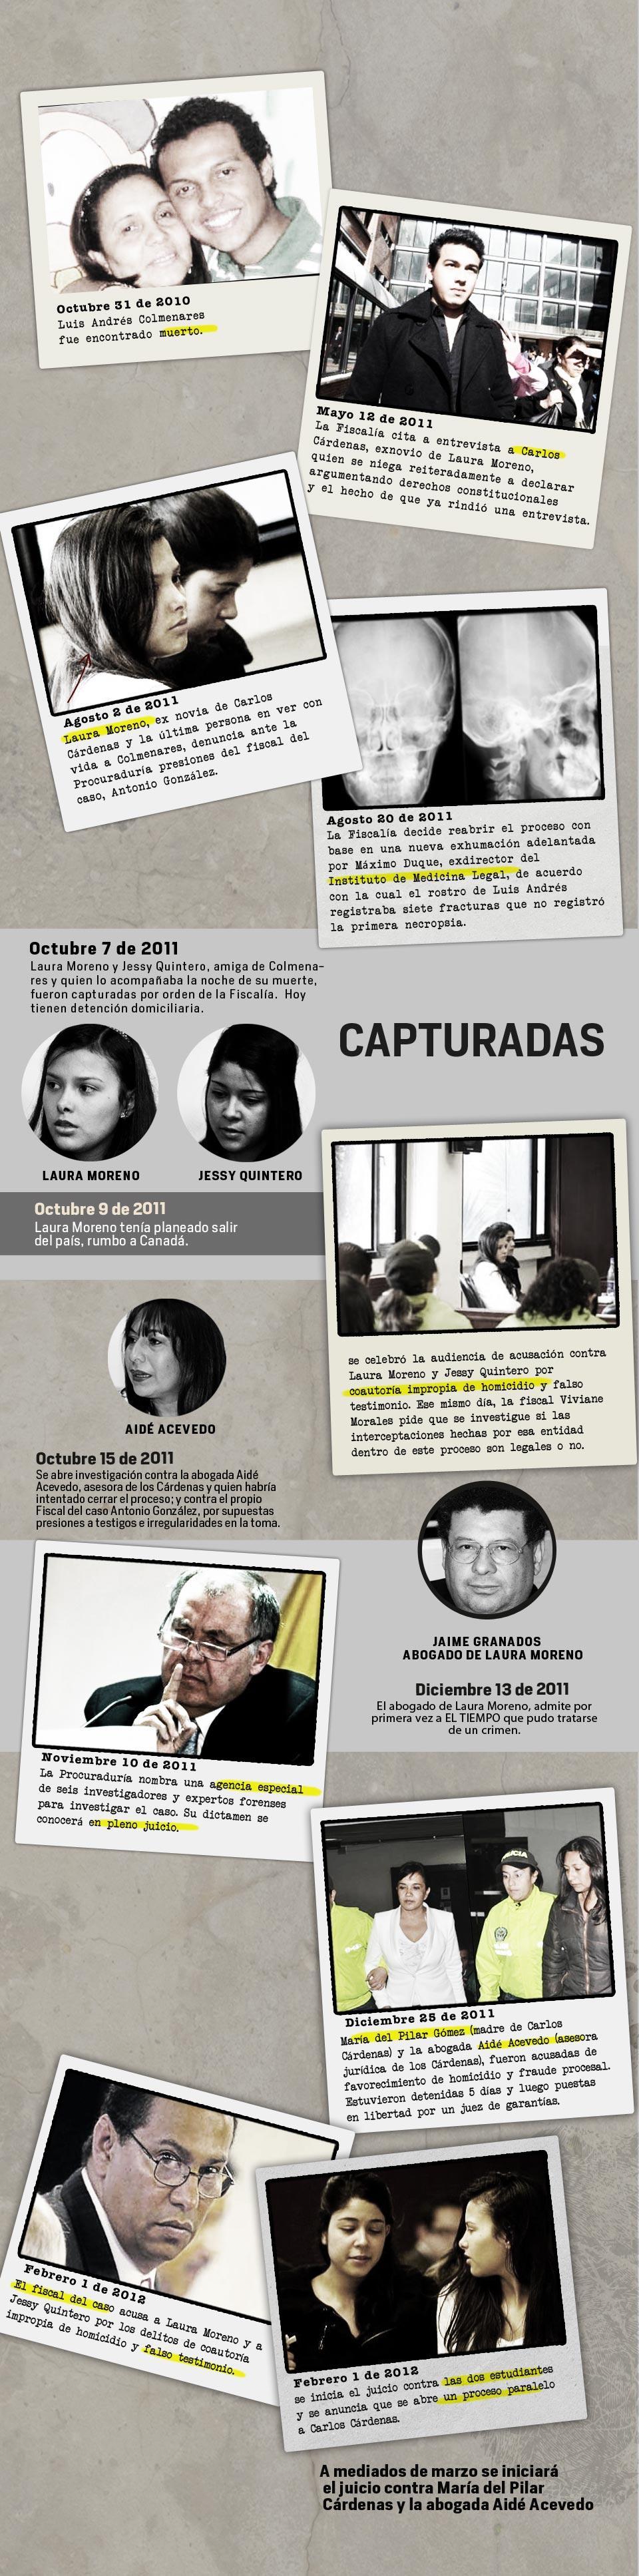 Vea paso a paso el caso de la muerte de Luis Andr�s Colmenares